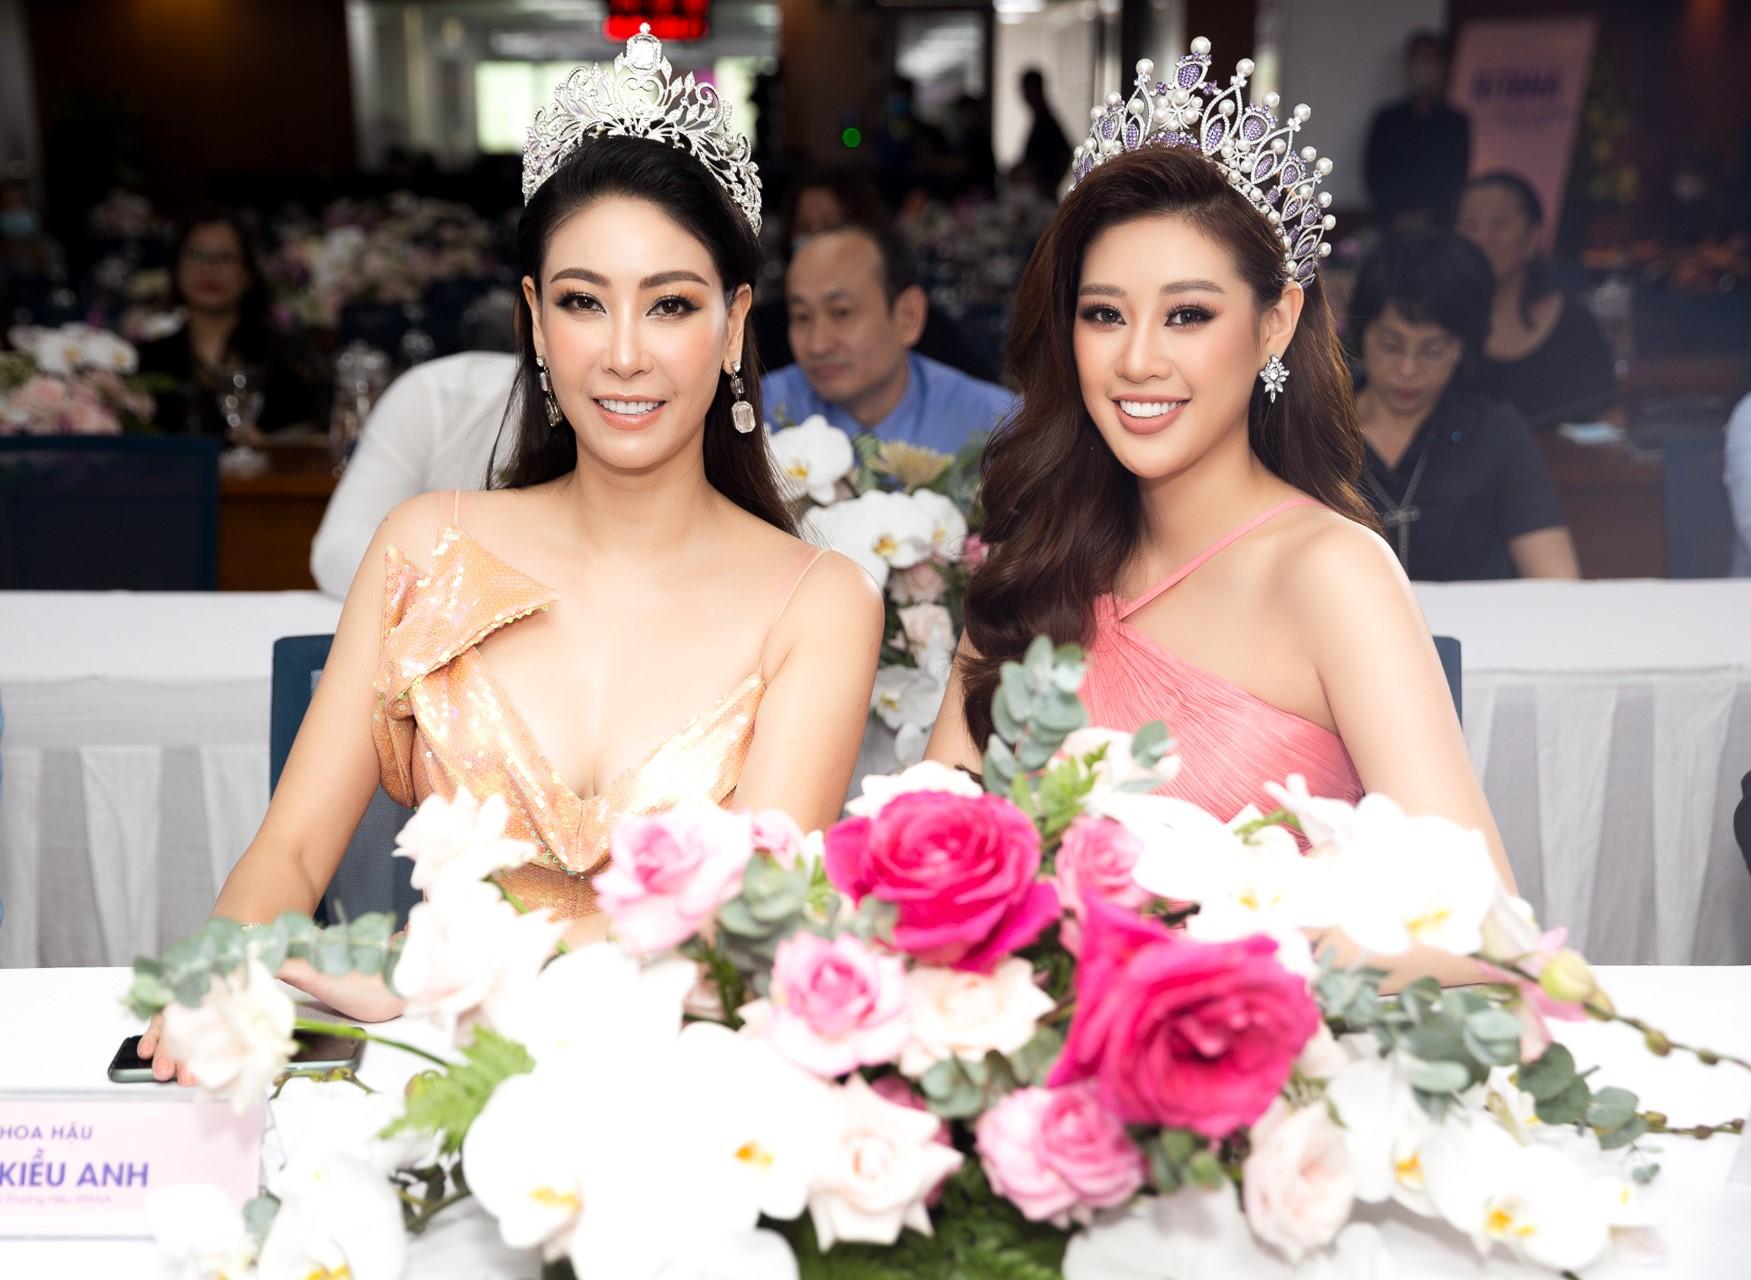 Hai hoa hậu đều có điểm chung là sở hữu làn da trắng hồng, sáng khỏe, căng mịn.